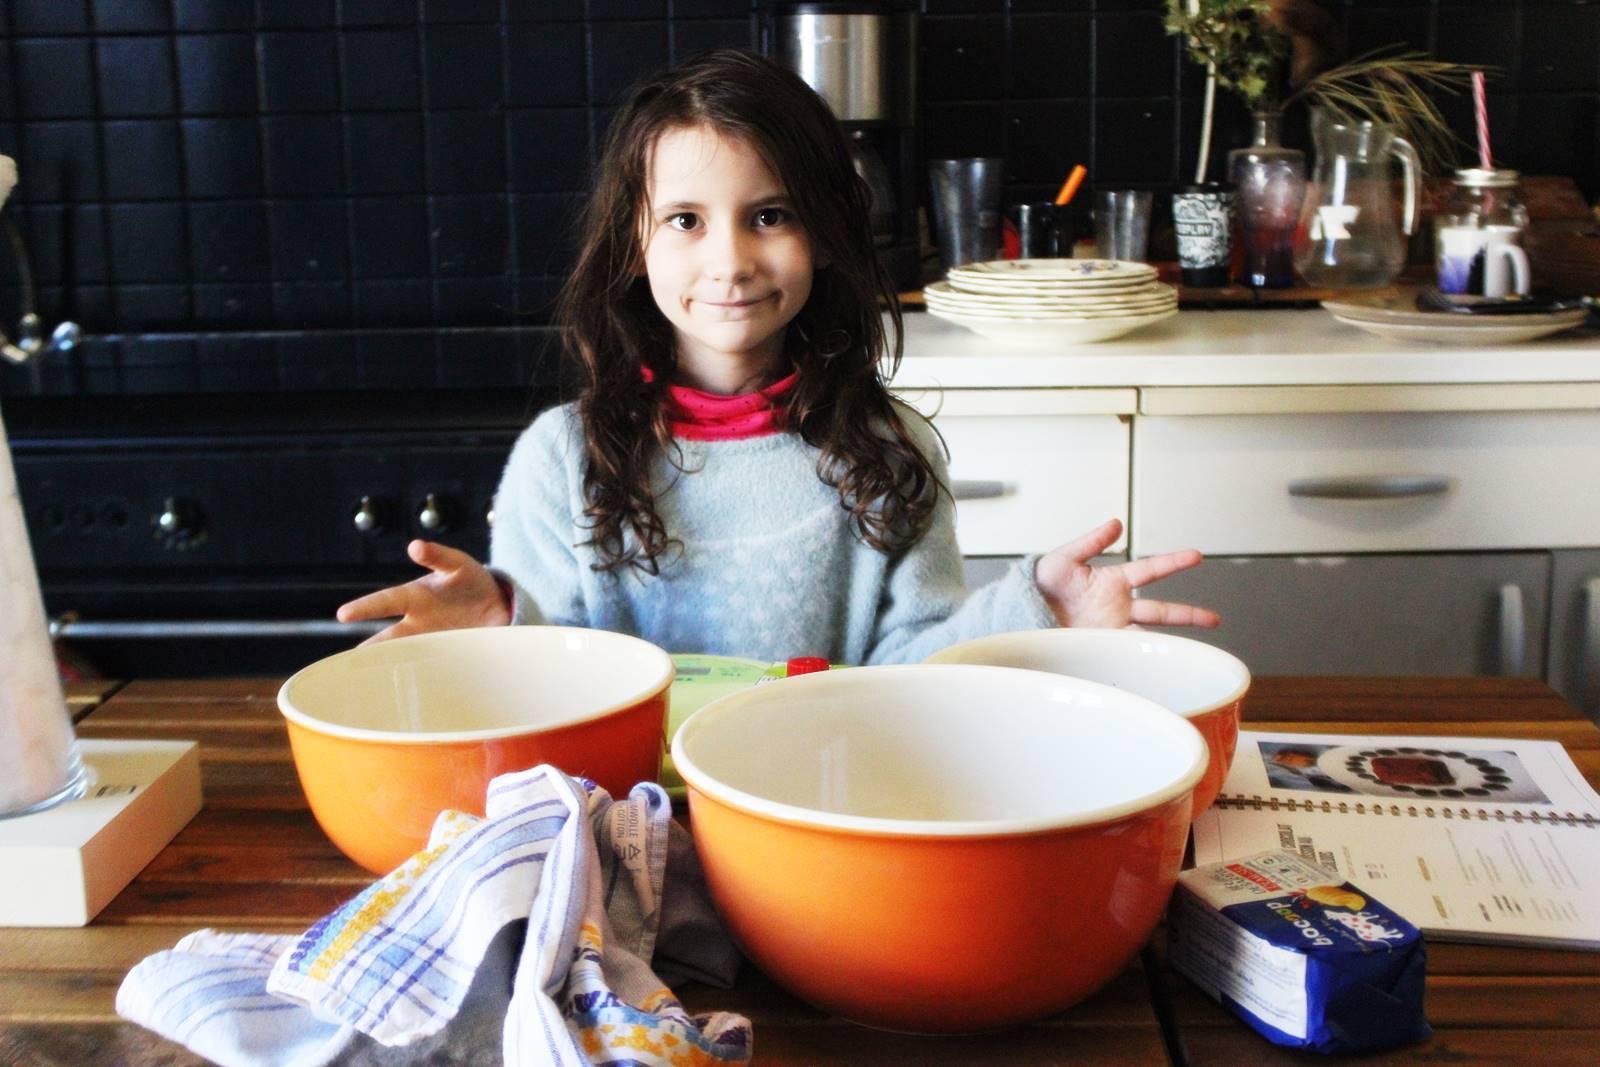 Recette fondant chocolat sans cuisson au speculoos hameaux bioimg 8450